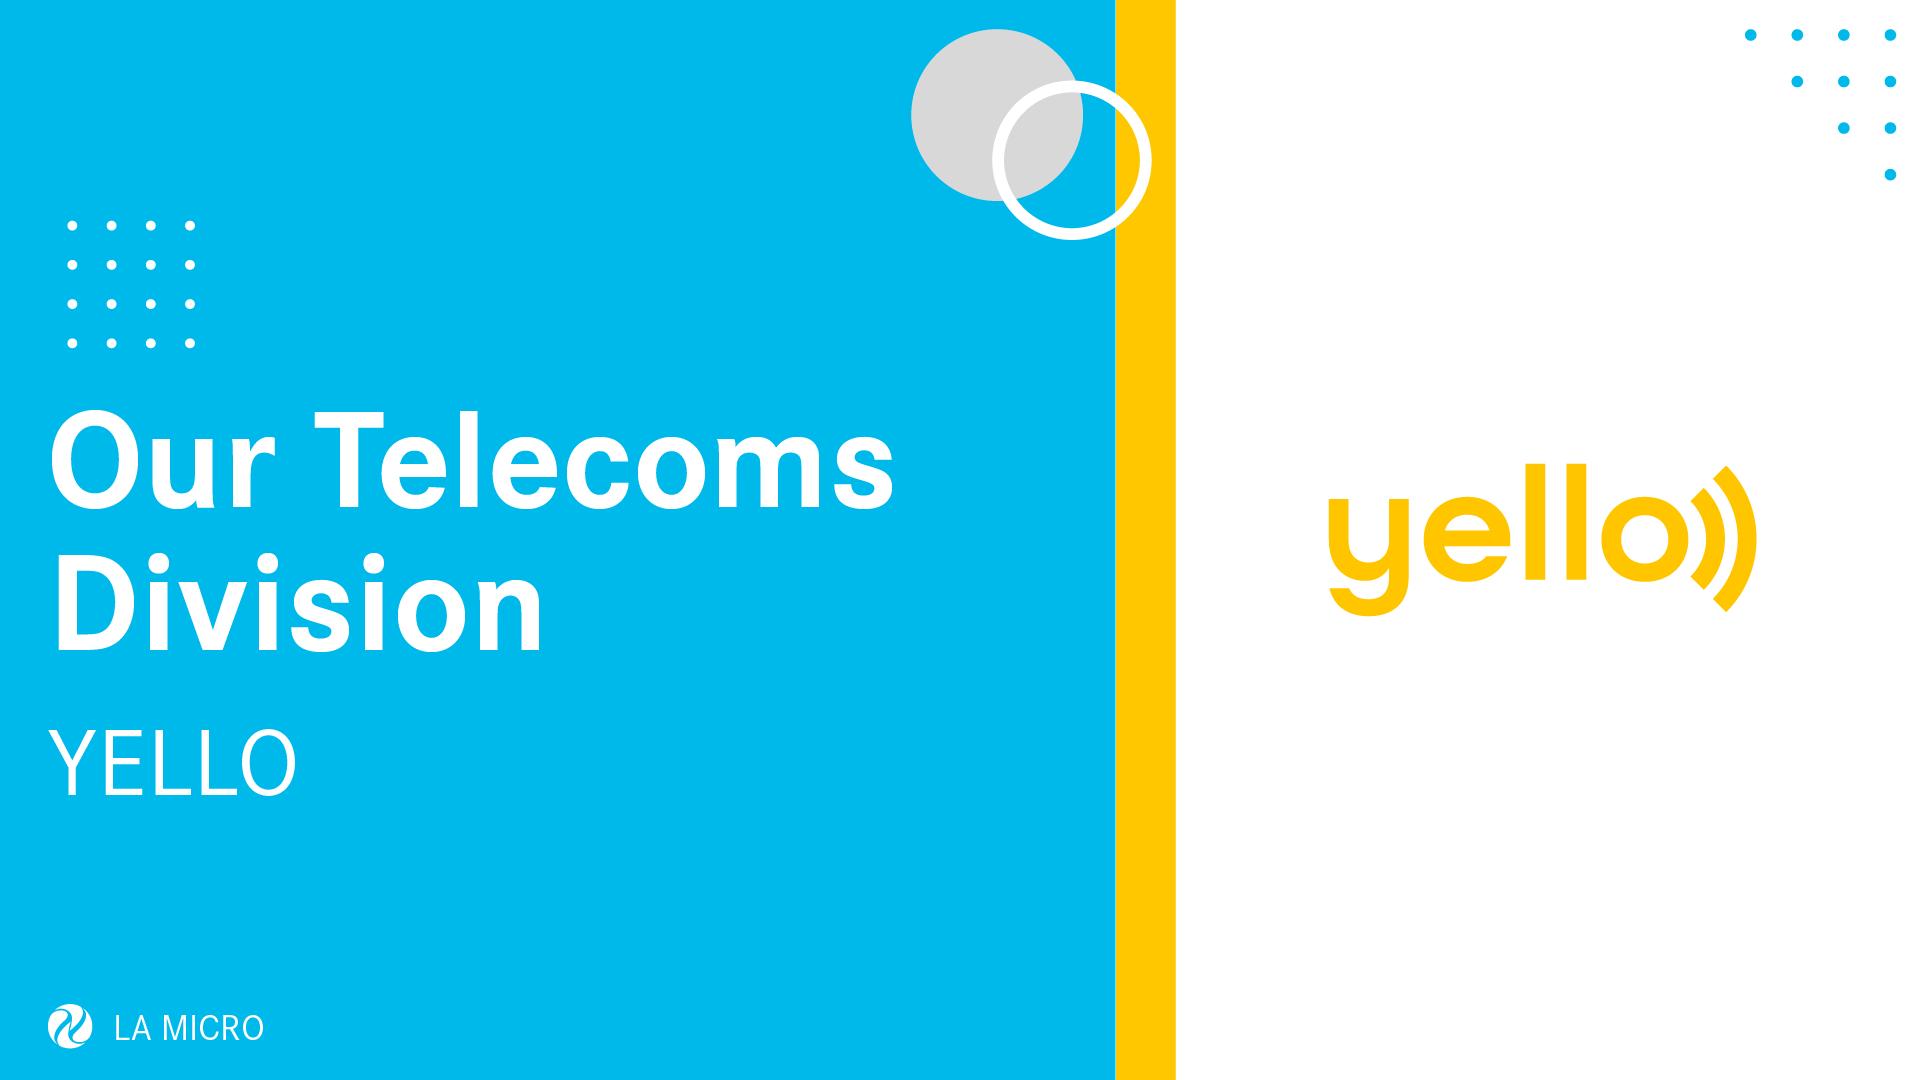 Yello Telecoms Division